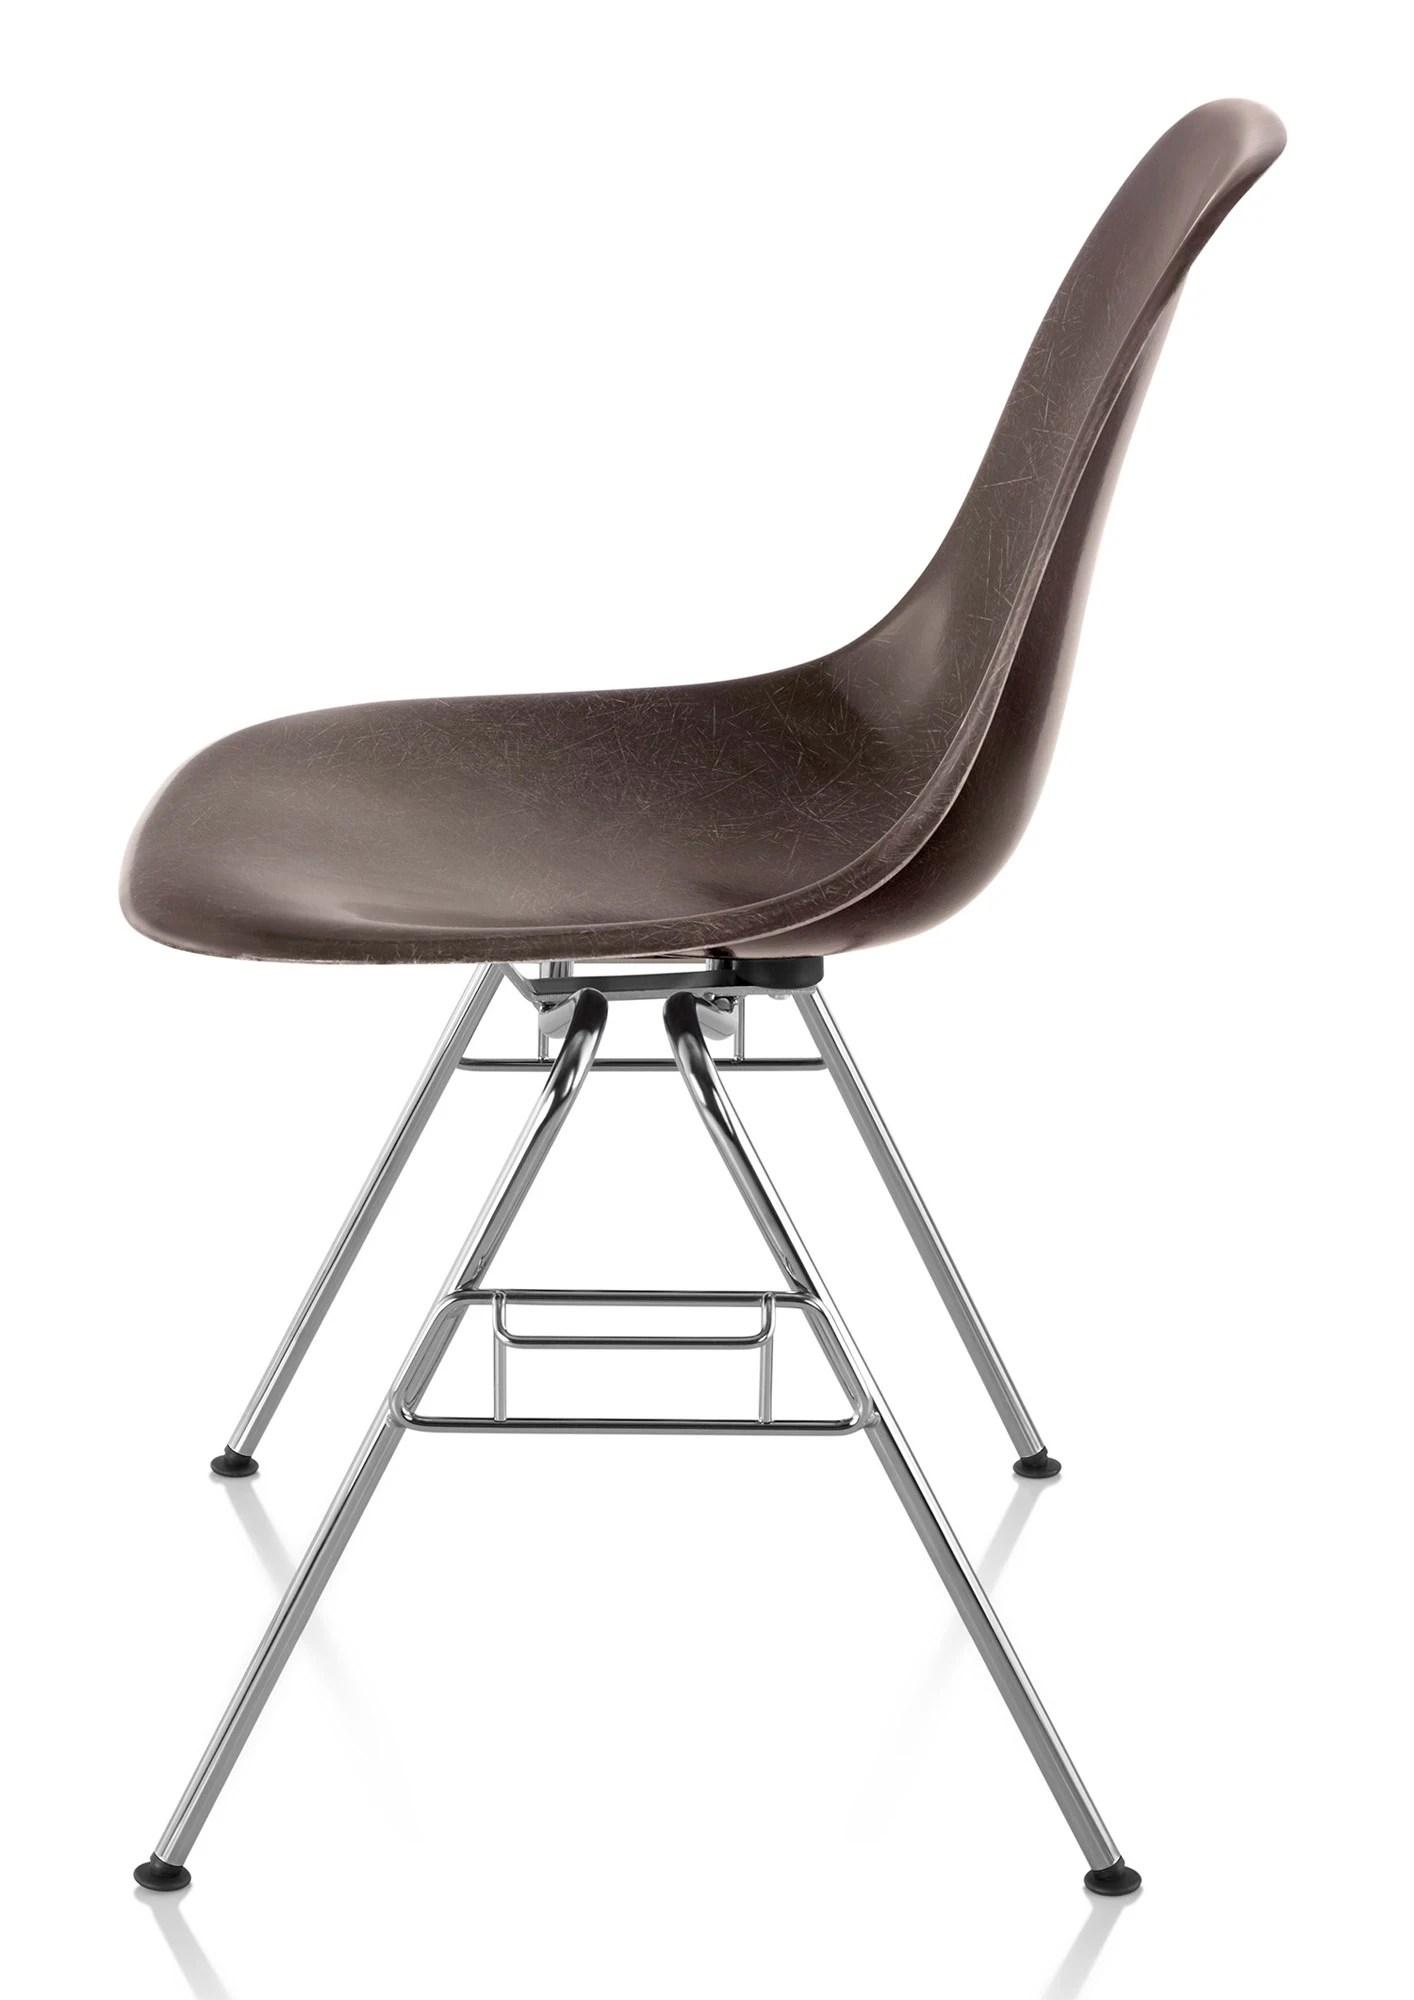 Herman Miller Eames Molded Fiberglass Side Chair  GR